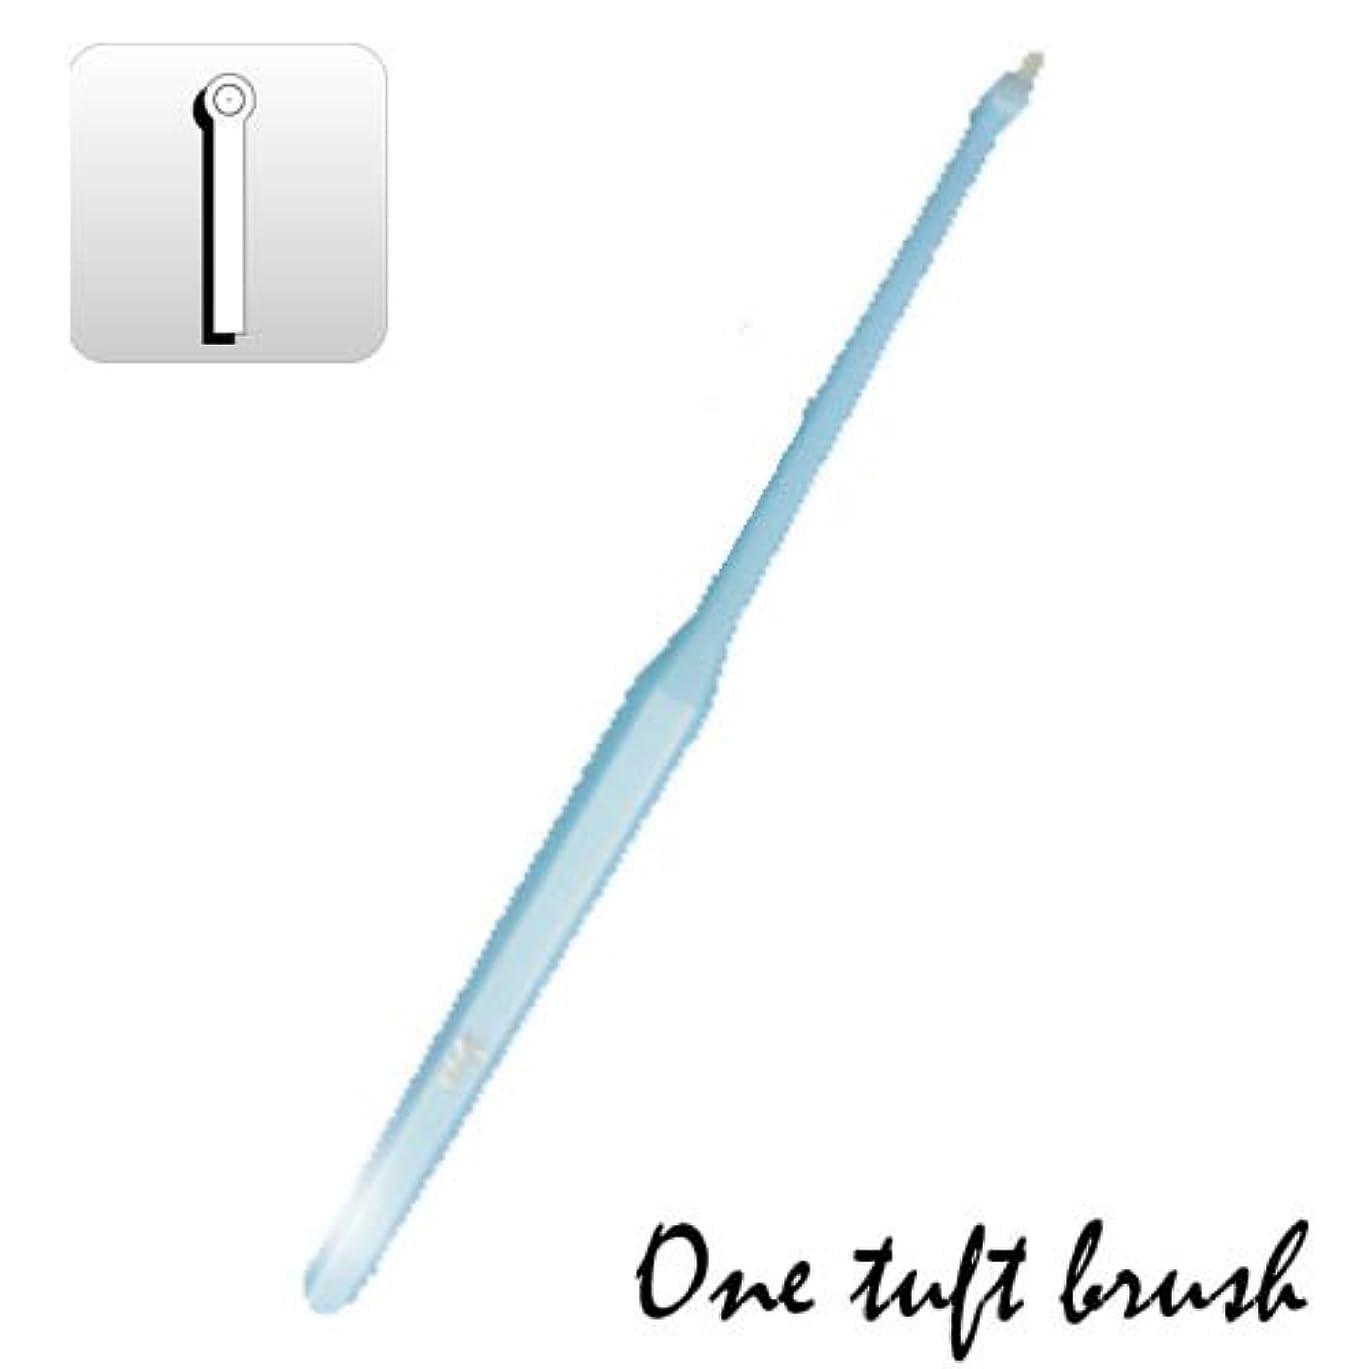 肺落花生分類する歯科用 みがきにくい部位までしっかり すっきり 【 One ワンタフト ブルー 2本セット】 歯ブラシ